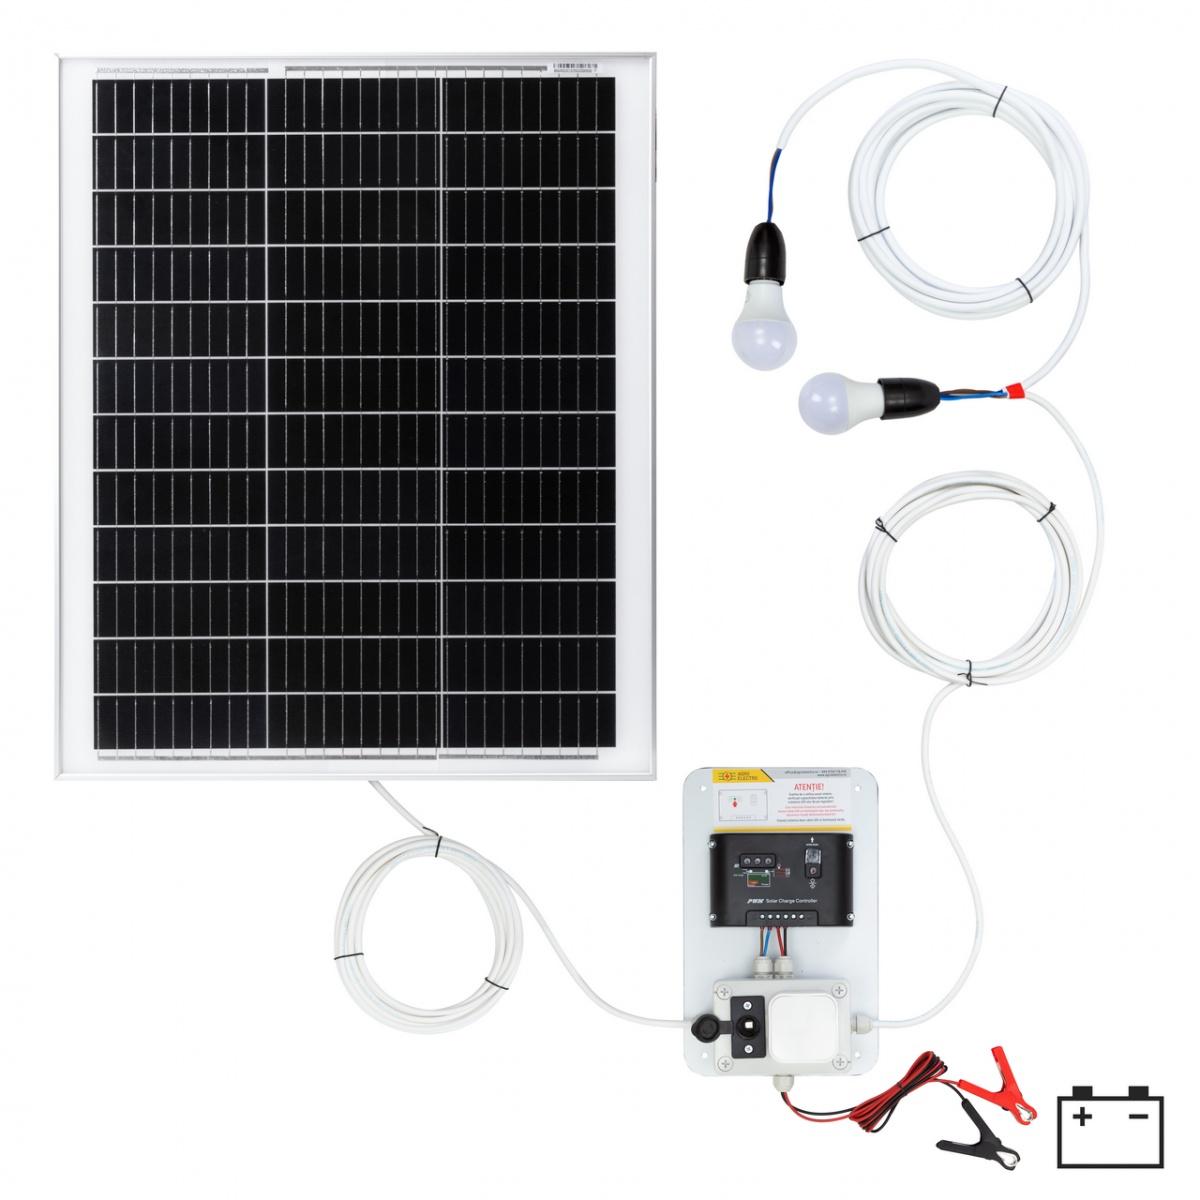 Világításrendszer 50W-os napelemmel és 2 égővel